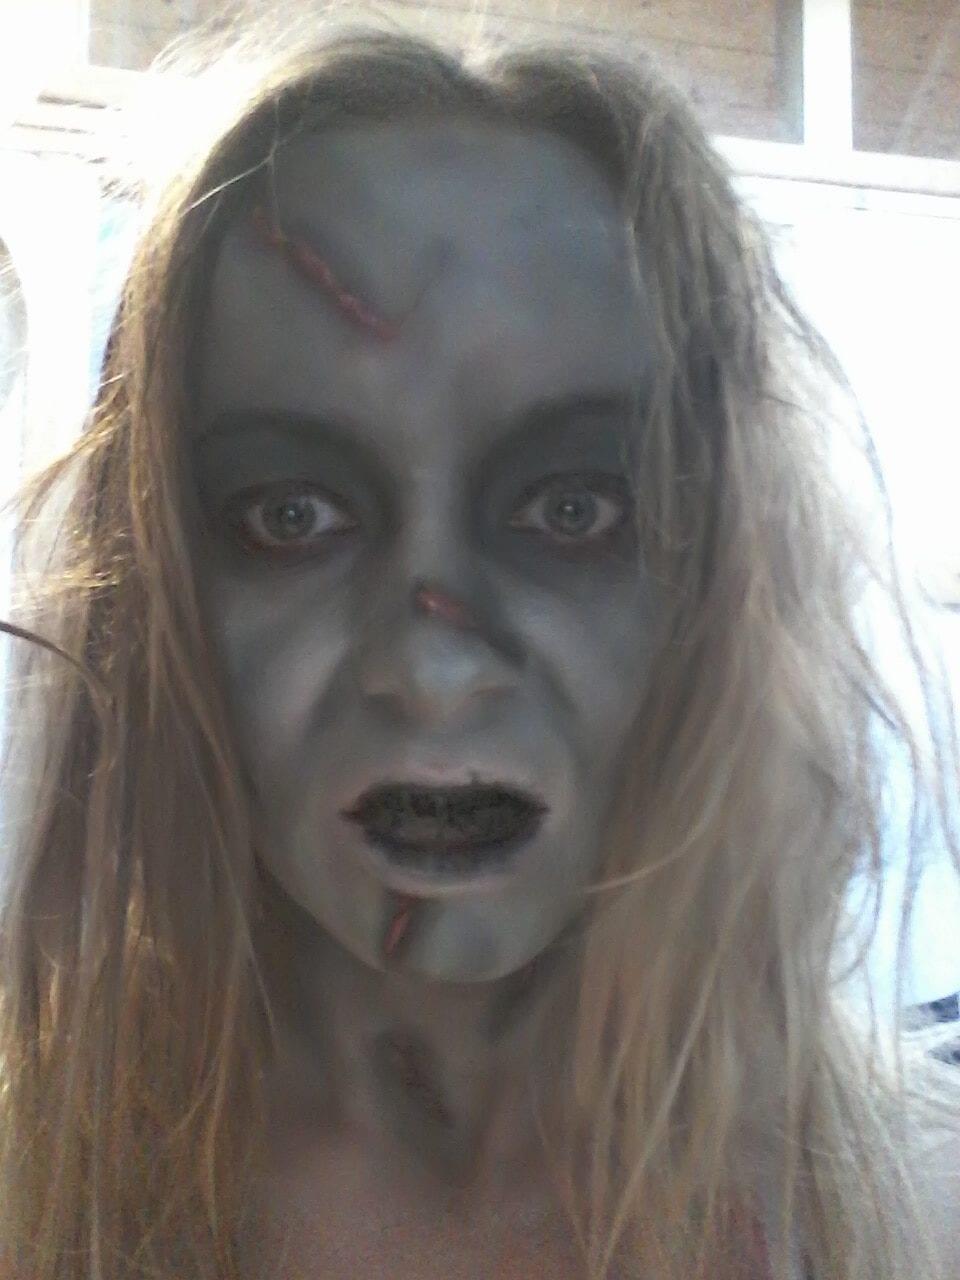 Maquillage halloween - l'exorciste - résultat